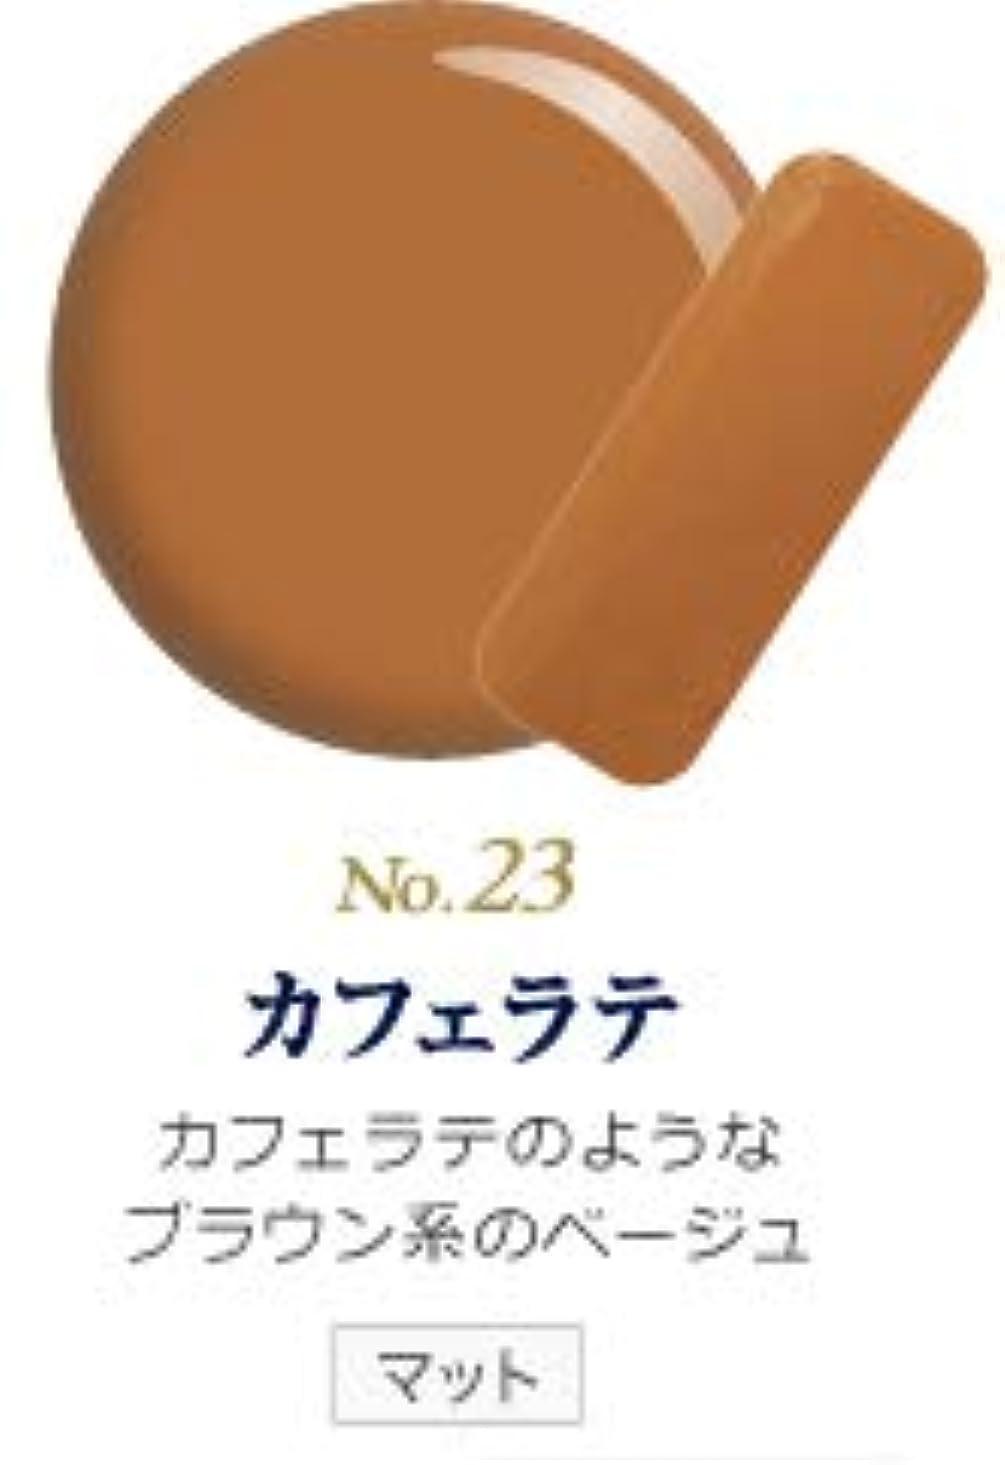 唯一出撃者組立カラージェル 発色抜群 削らなくてもオフが出来る 新グレースジェルカラーNo.11~No.209 (カフェラテ)